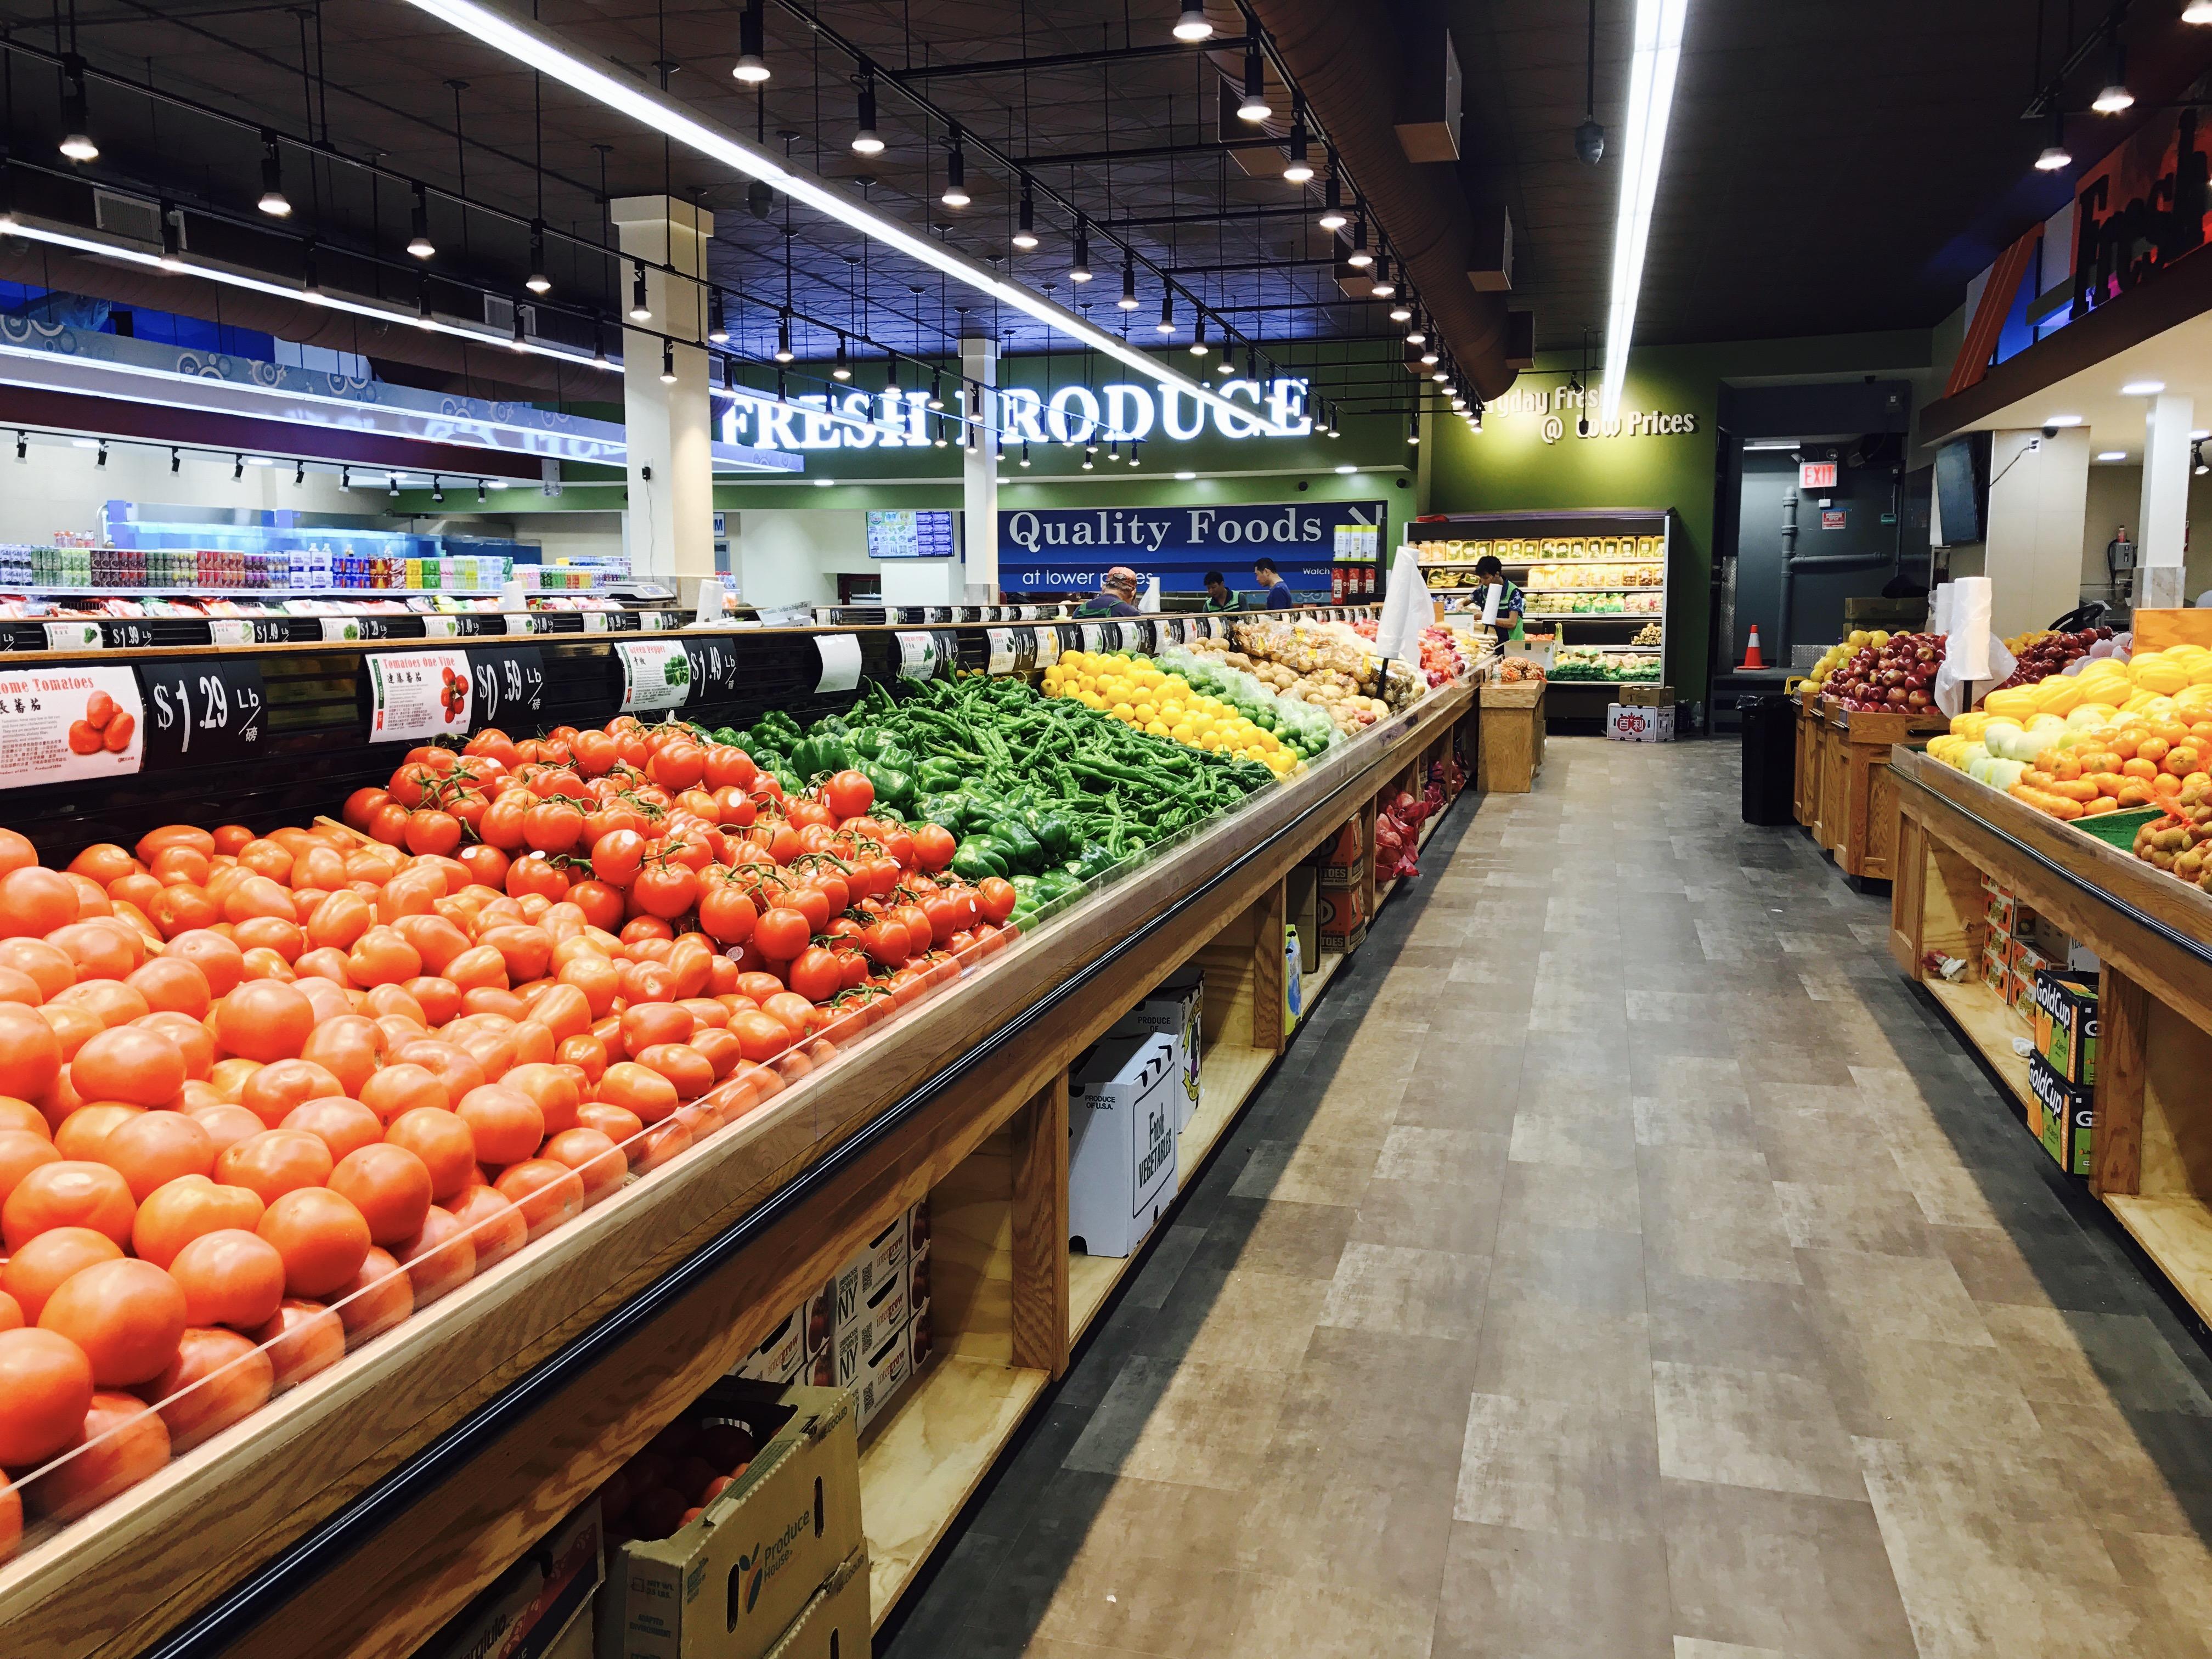 大中華超市店內一景。